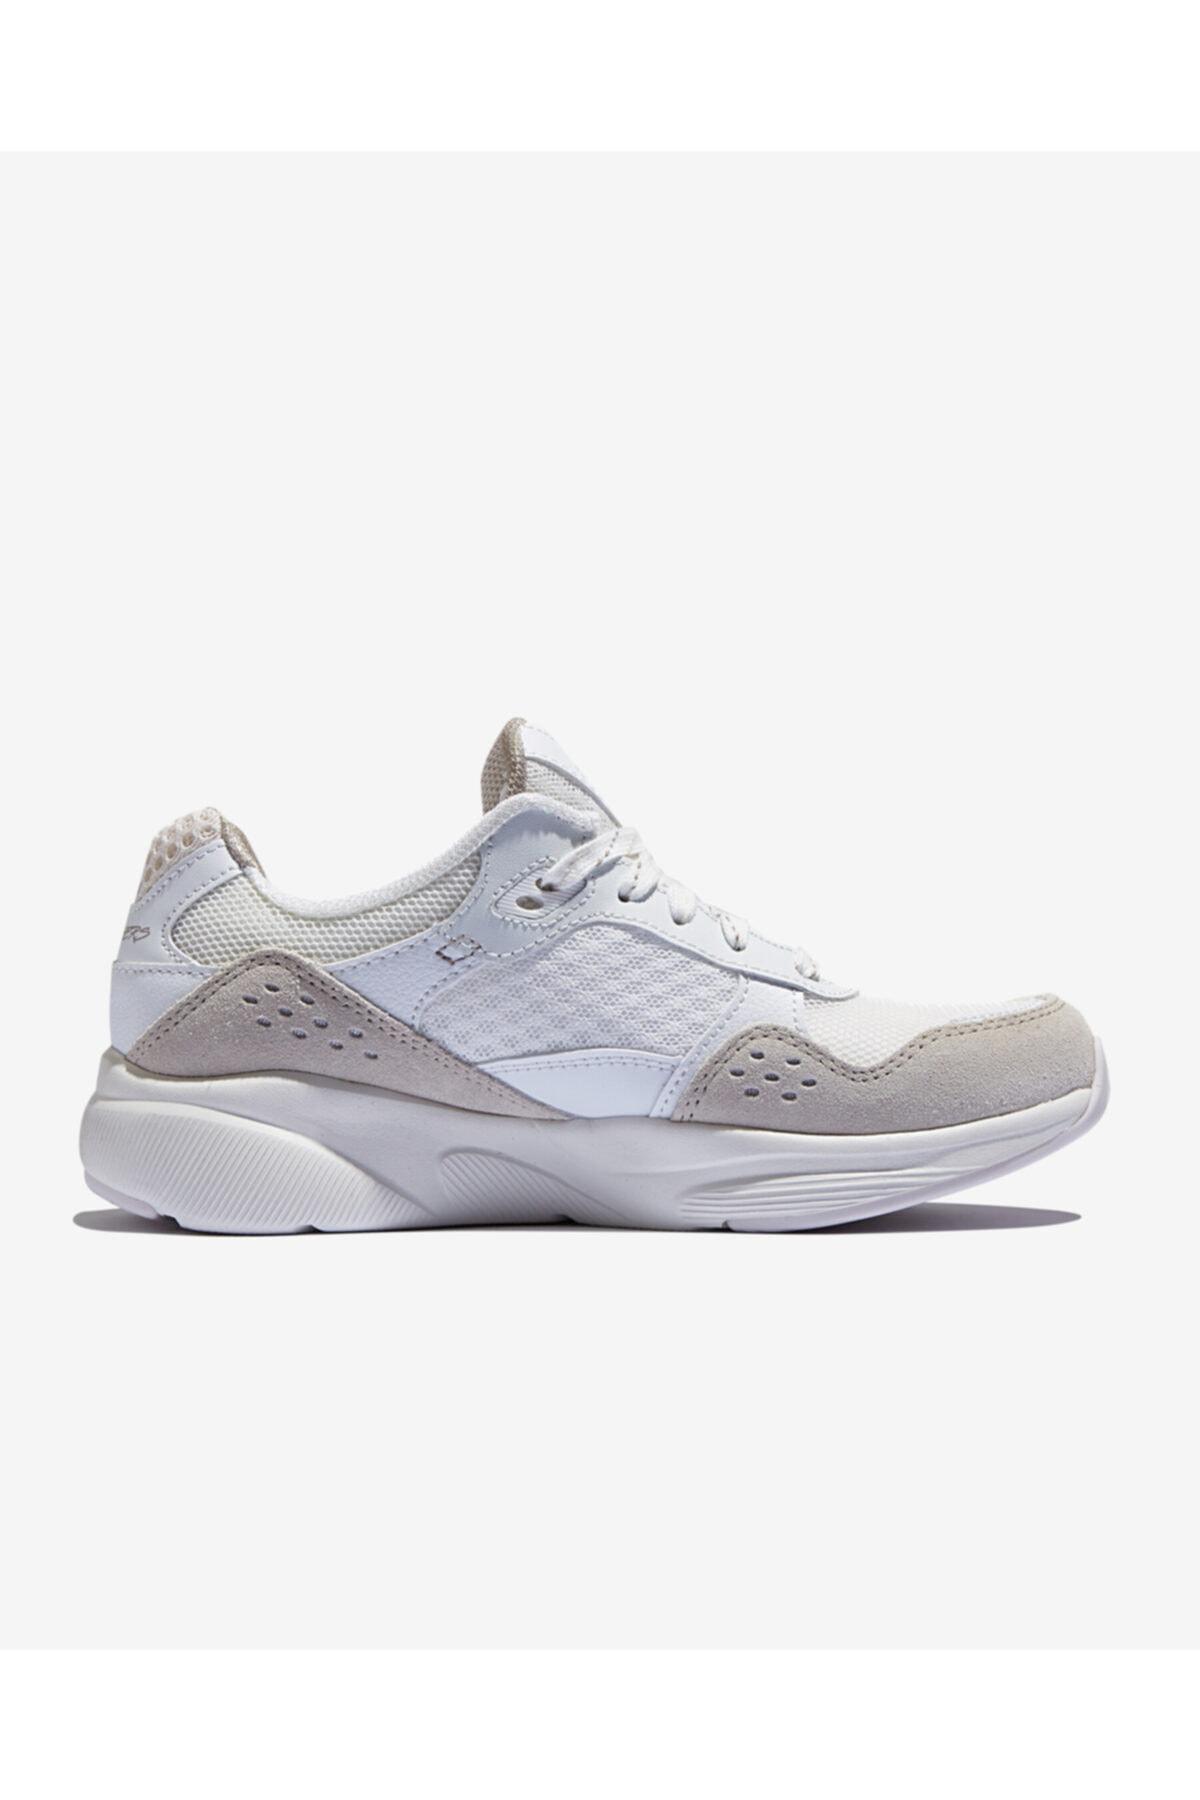 SKECHERS MERIDIAN-CHARTED Kadın Beyaz Spor Ayakkabı 2